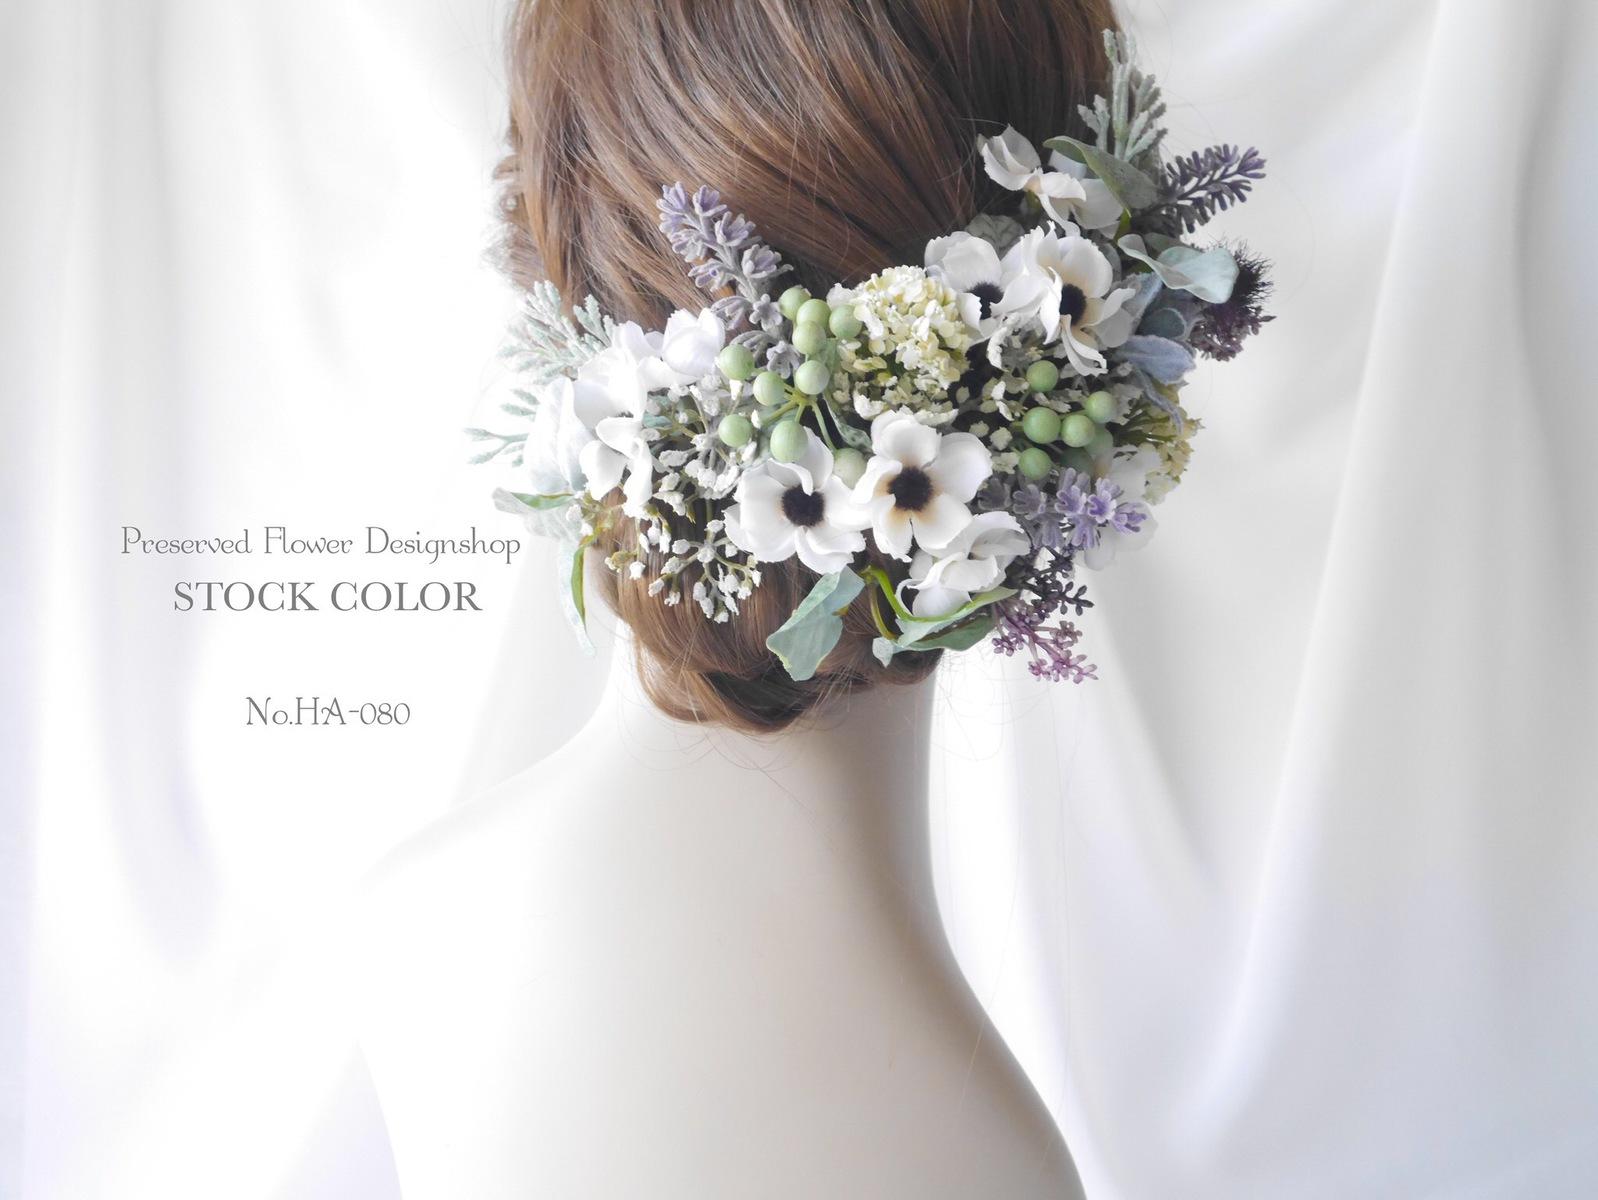 フリルアネモネとラベンダーのヘッドドレス/ヘアアクセサリー(アイボリーホワイト)【成人式や結婚式に】